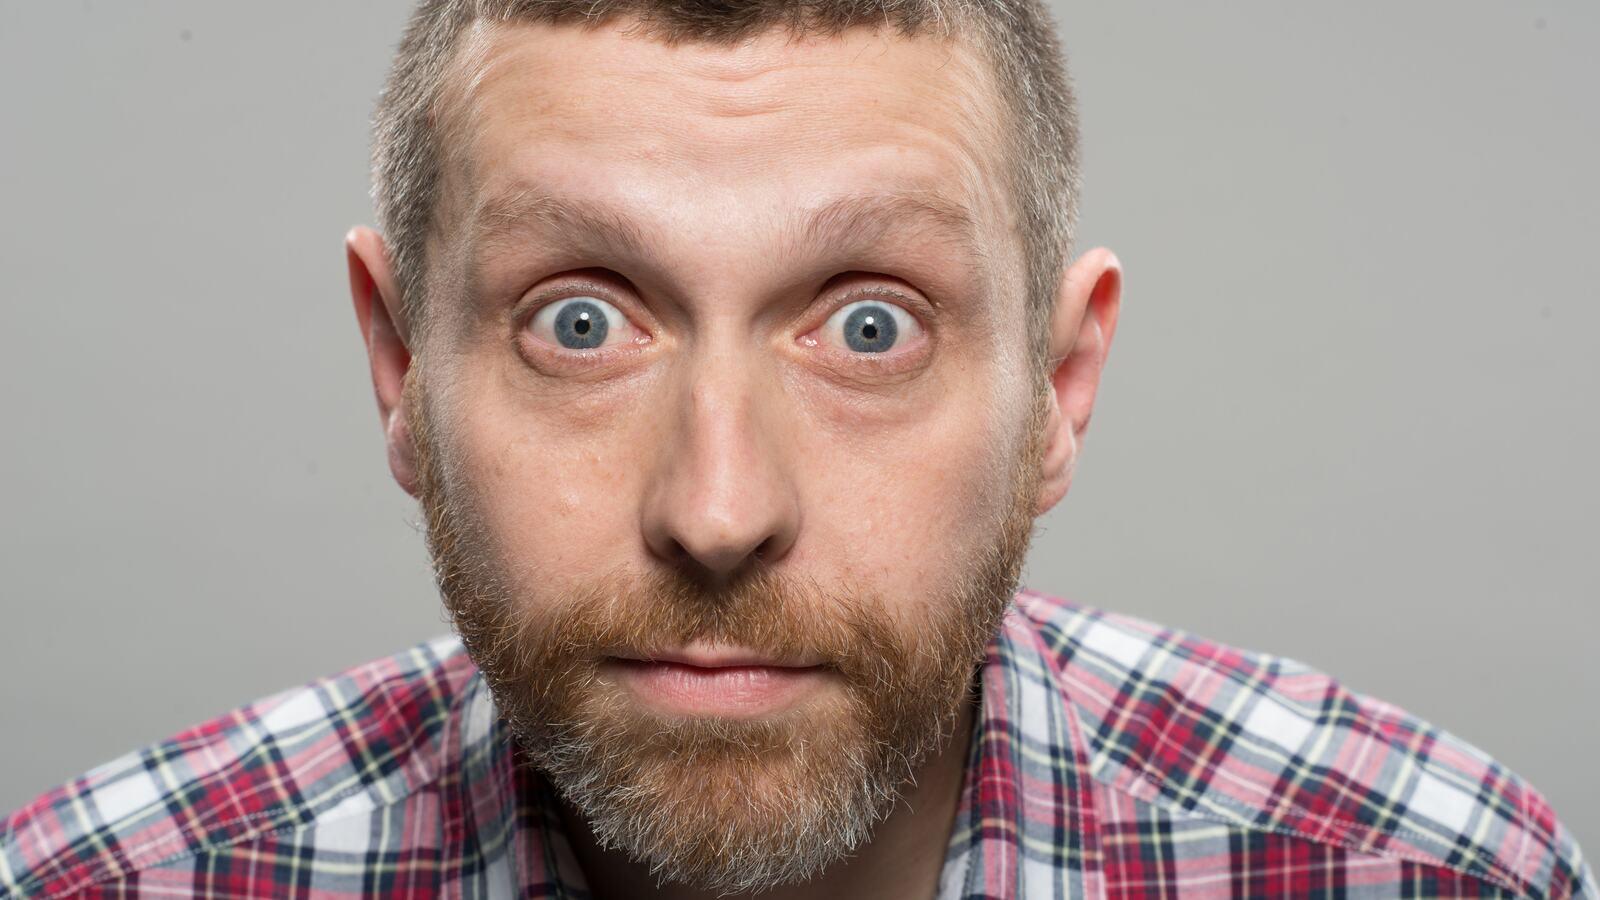 Dave Gorman, comedian